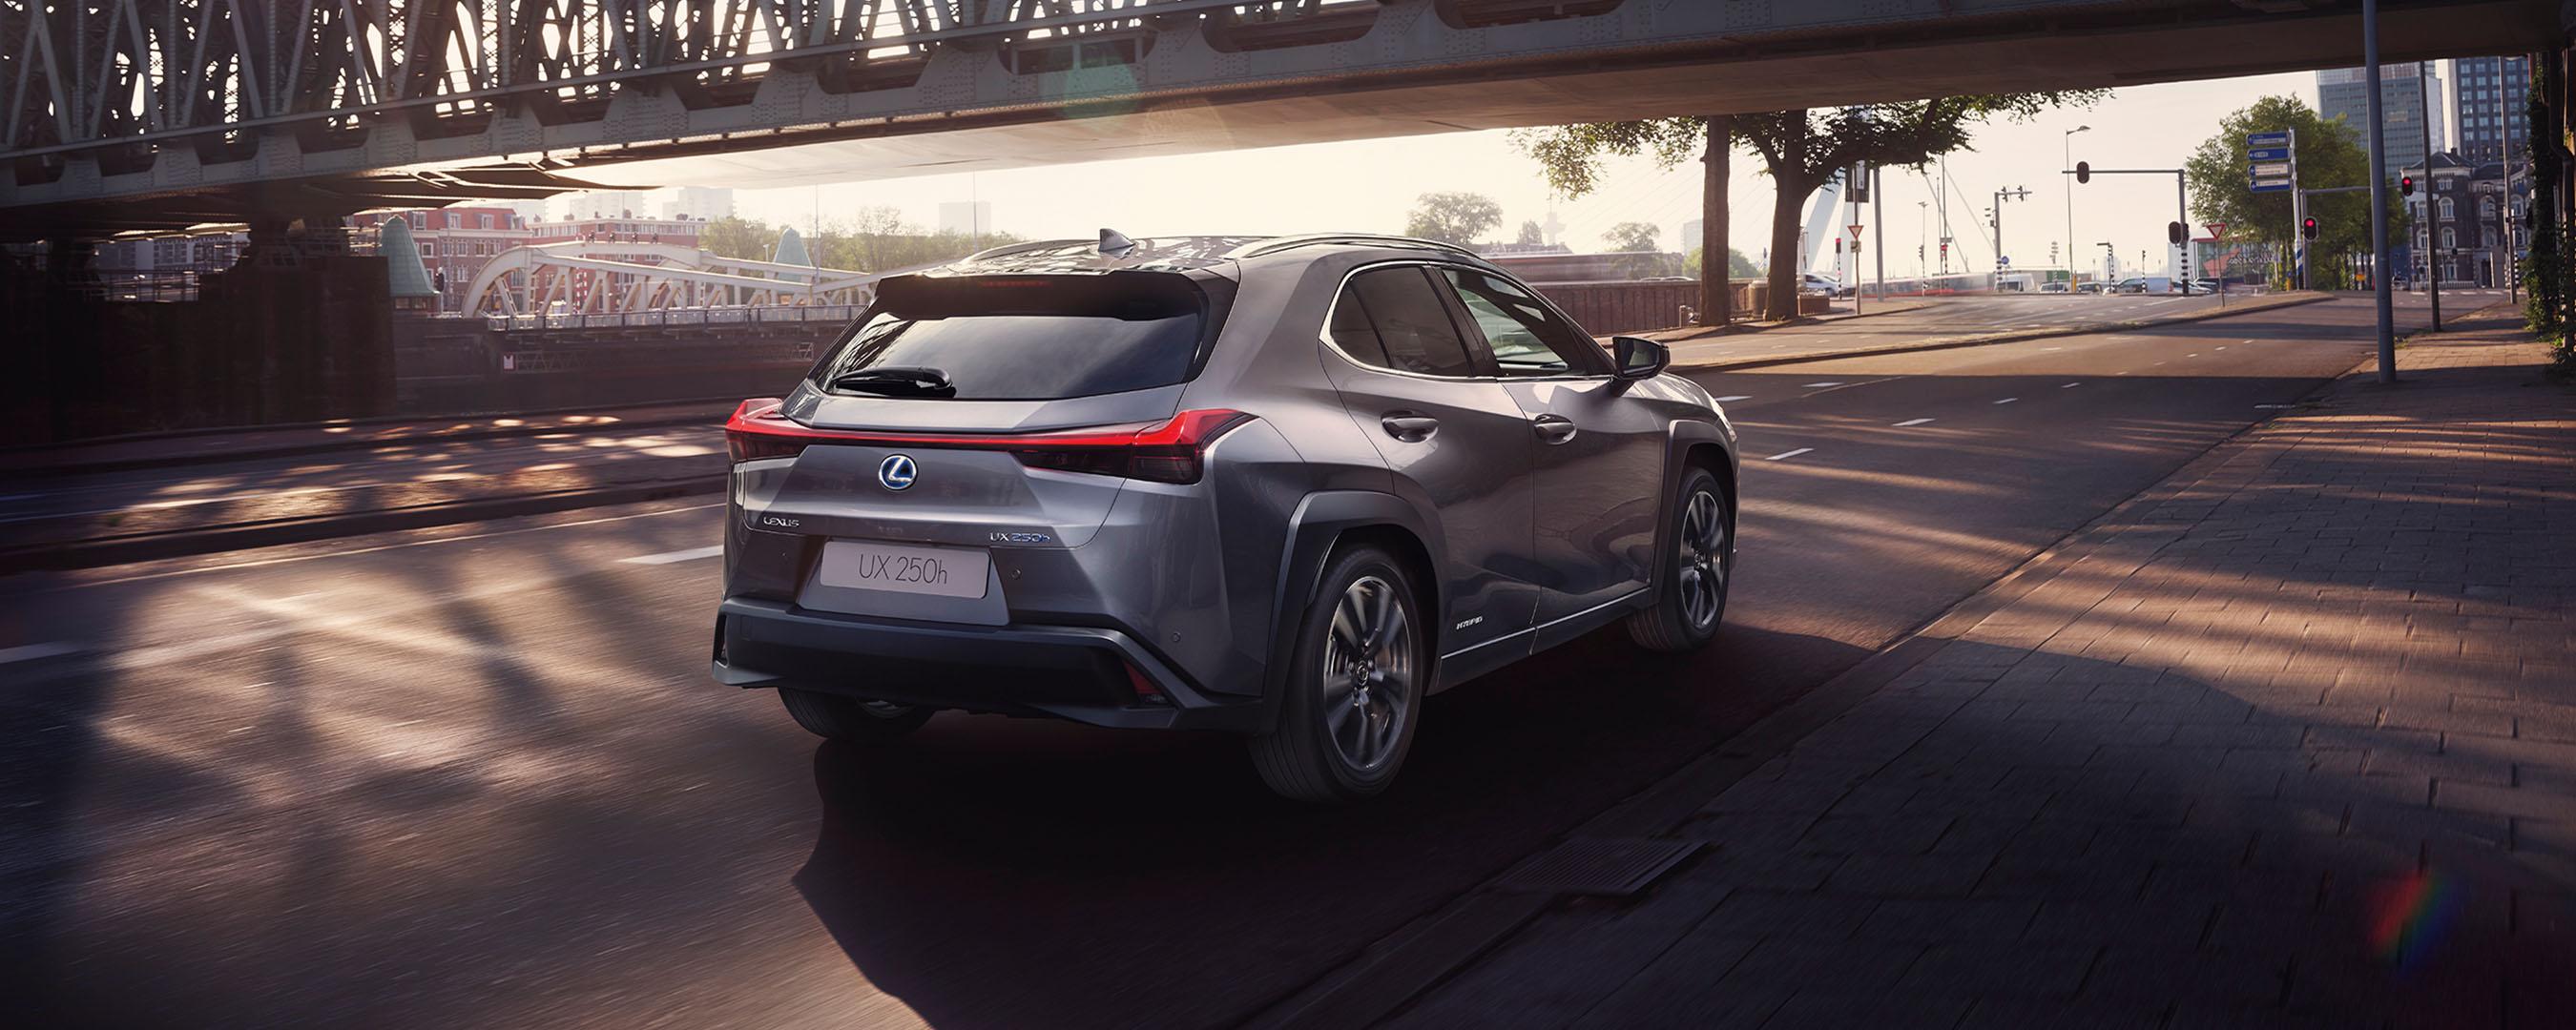 2018 lexus ux hybrid experience rear exterior